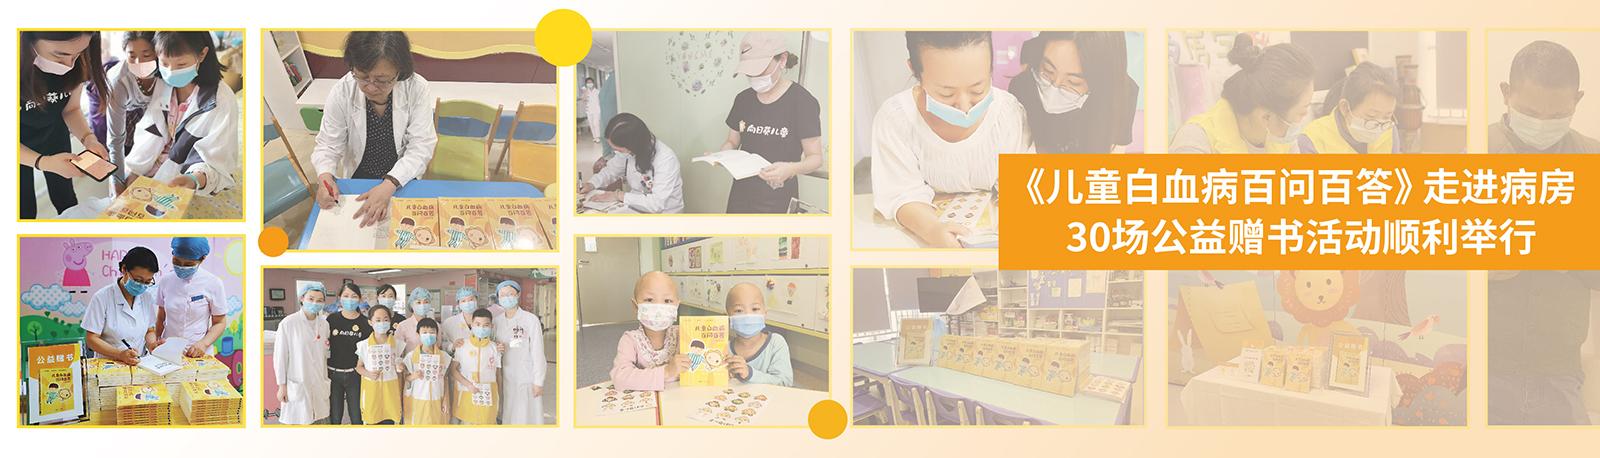 专业点燃希望 向日葵儿童《儿童白血病百问百答》覆盖全国多家医院